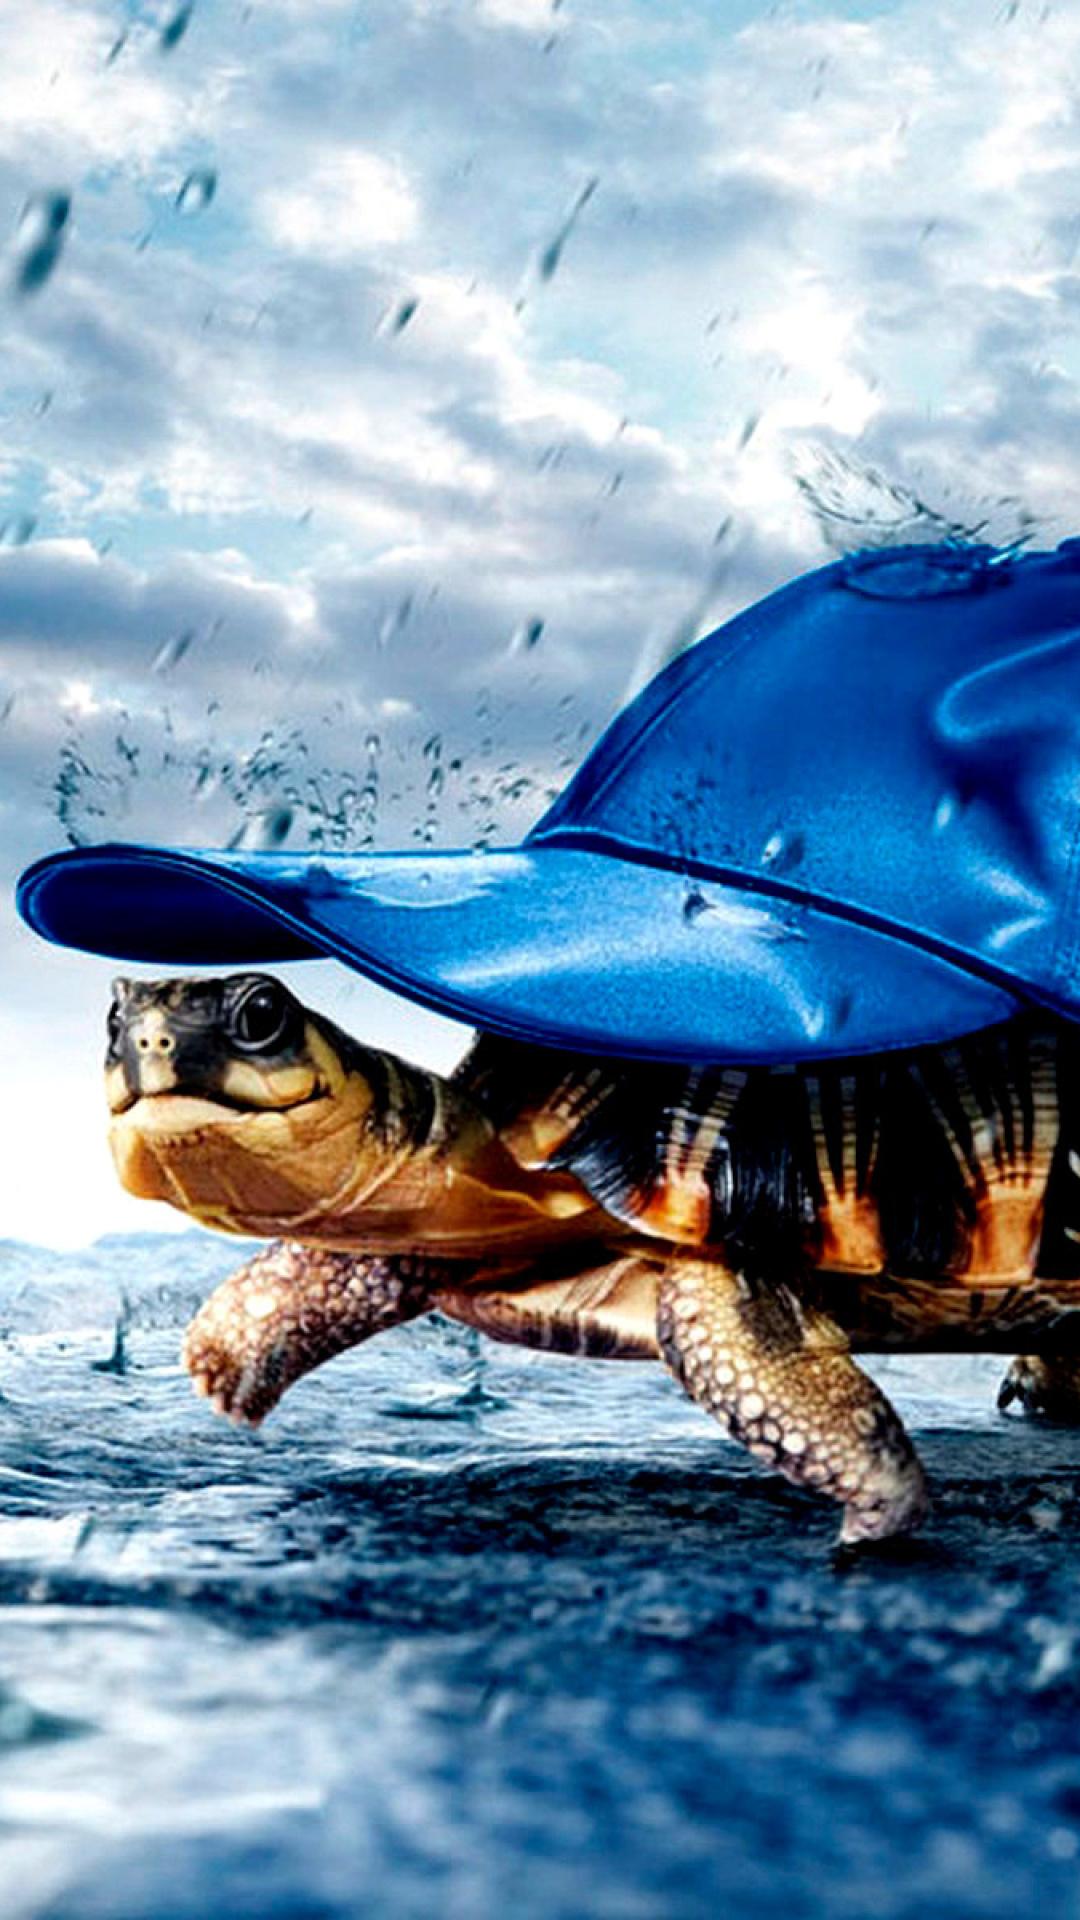 wallpaper funny turtle rain - photo #3